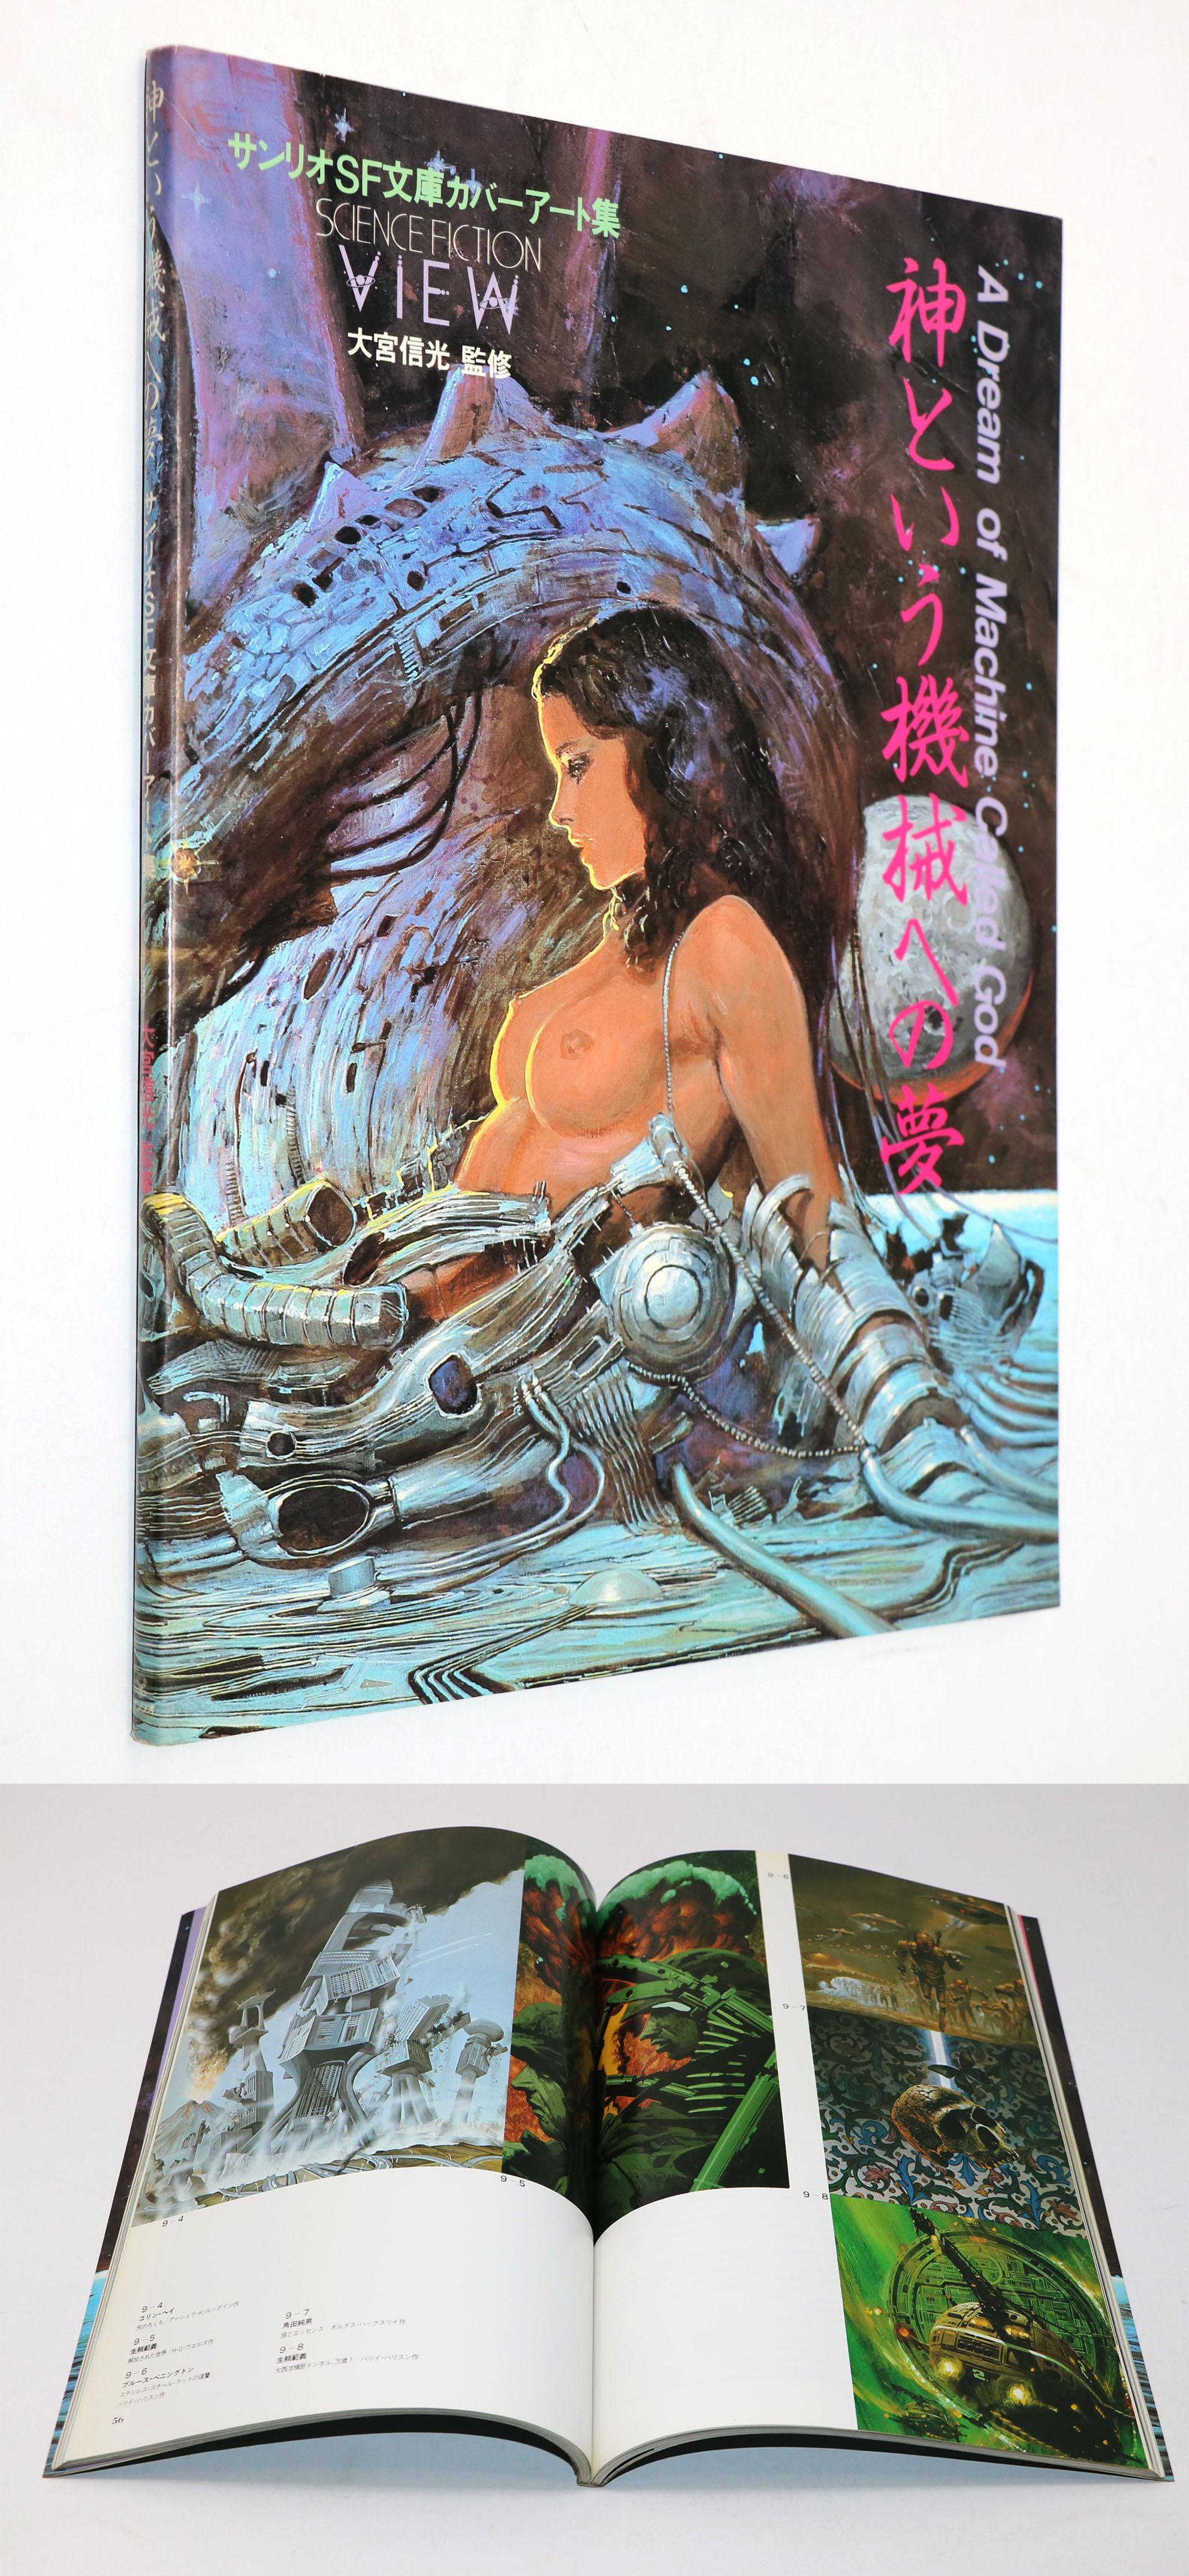 神という機械への愛 サンリオSF文庫カバーアート集